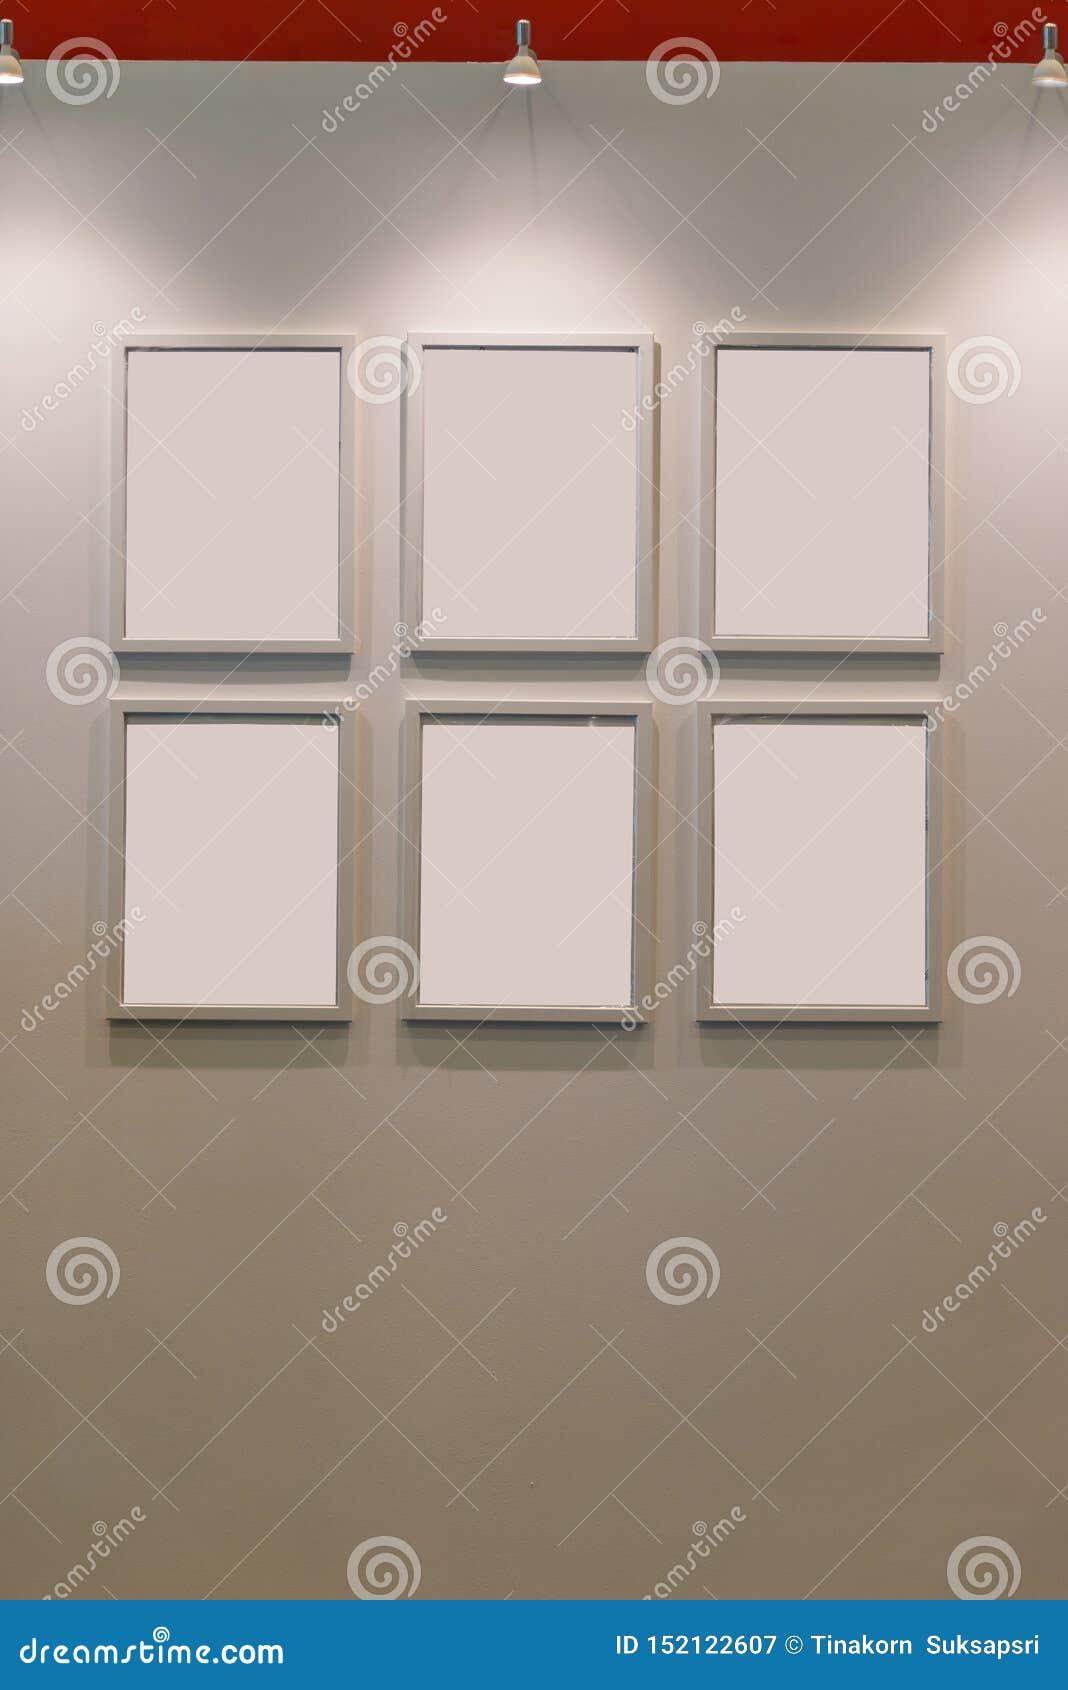 Seis marcos de madera en blanco en el contemporáneo de la decoración de la pared